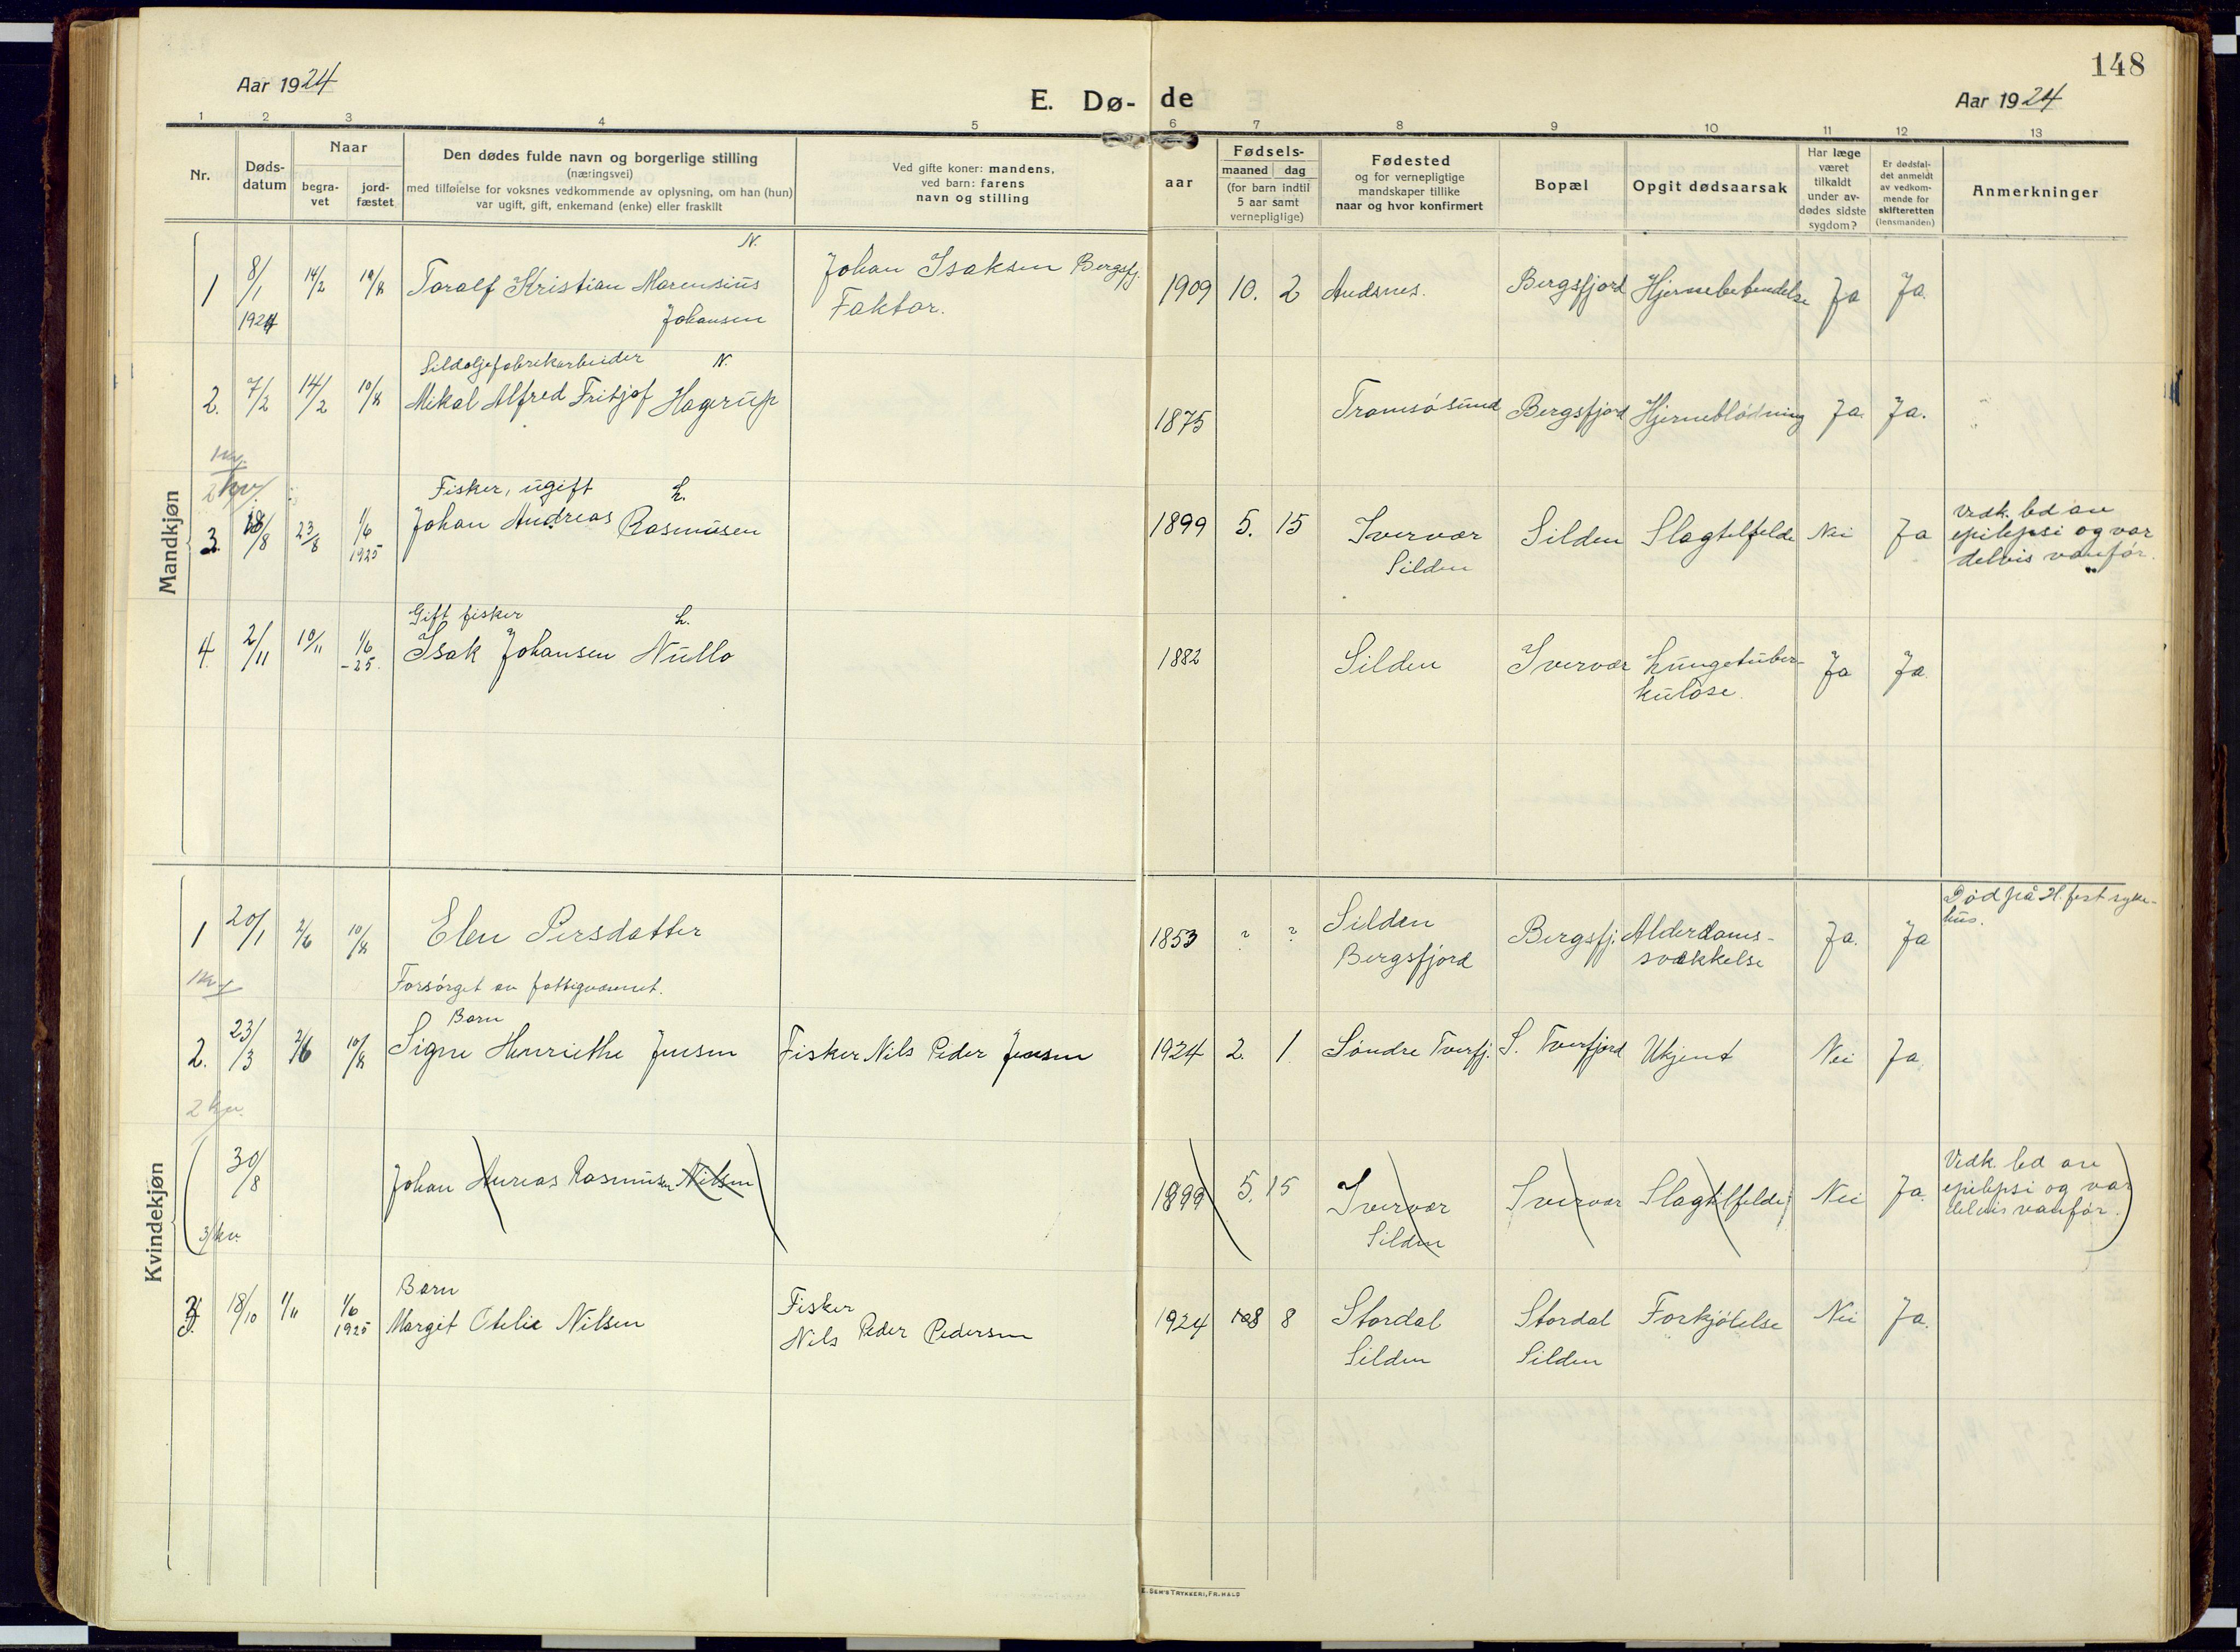 SATØ, Loppa sokneprestkontor, H/Ha/L0013kirke: Ministerialbok nr. 13, 1920-1932, s. 148